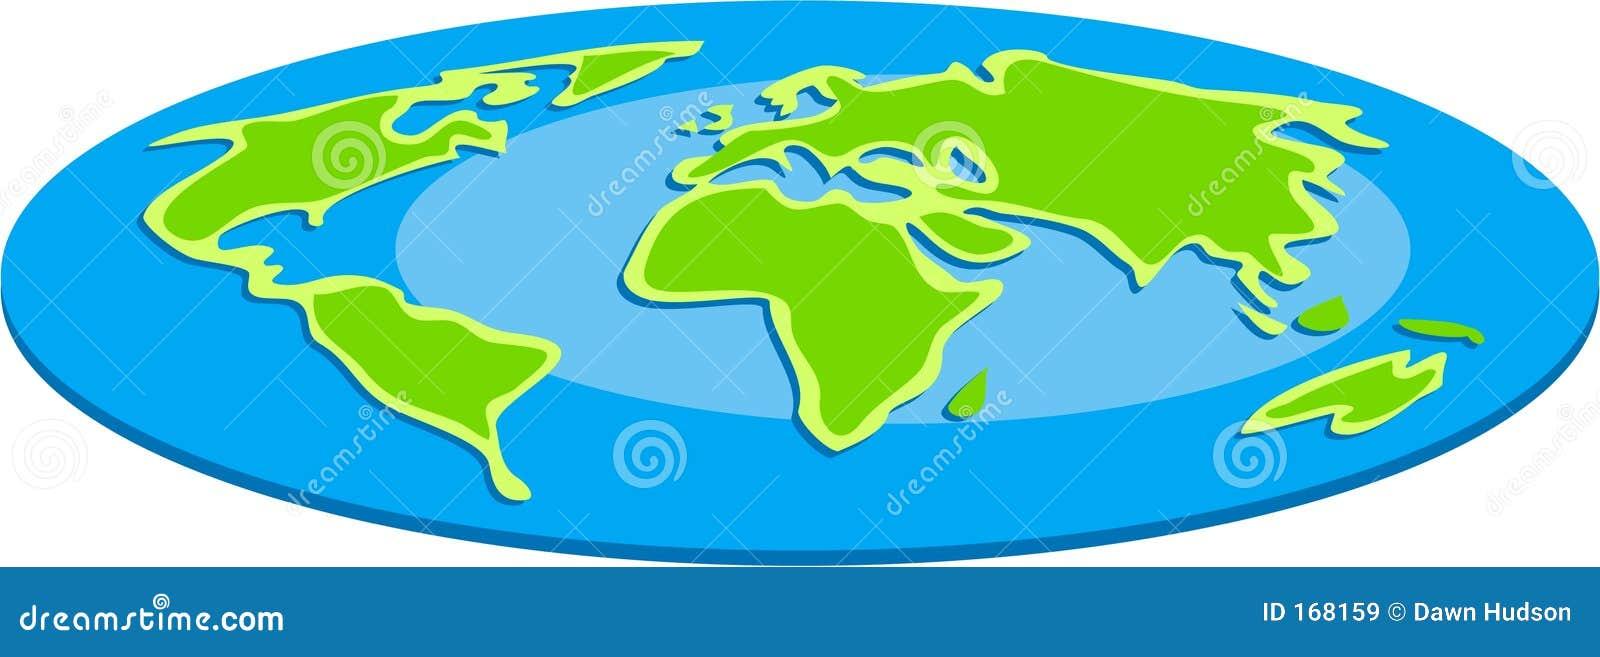 平面的地球